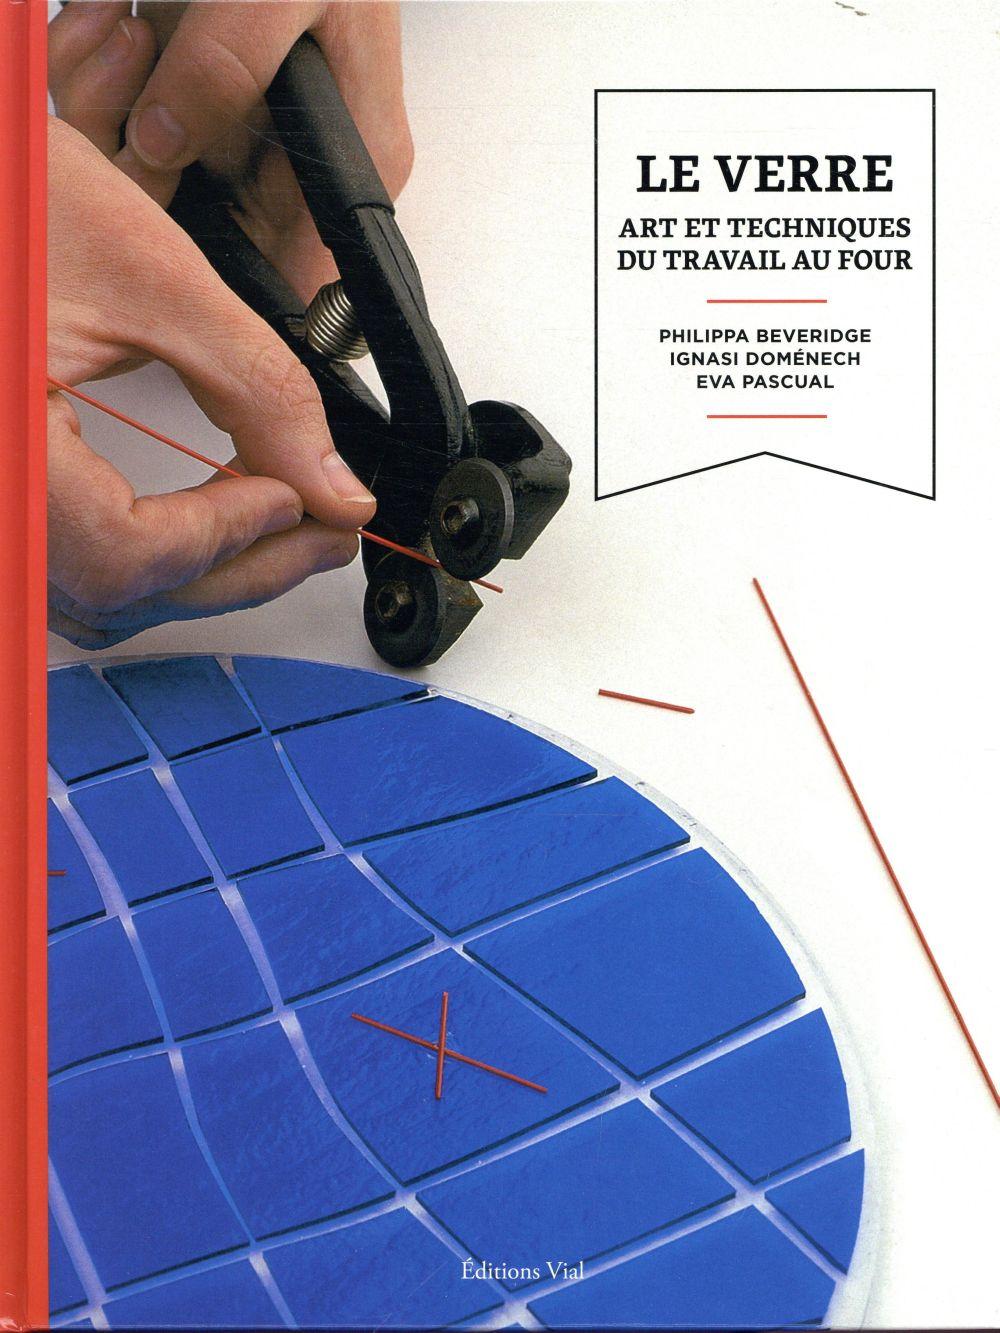 LE VERRE - ART ET TECHNIQUES DU TRAVAIL AU FOUR BEVERIDGE / IGNASI HENRI VIAL